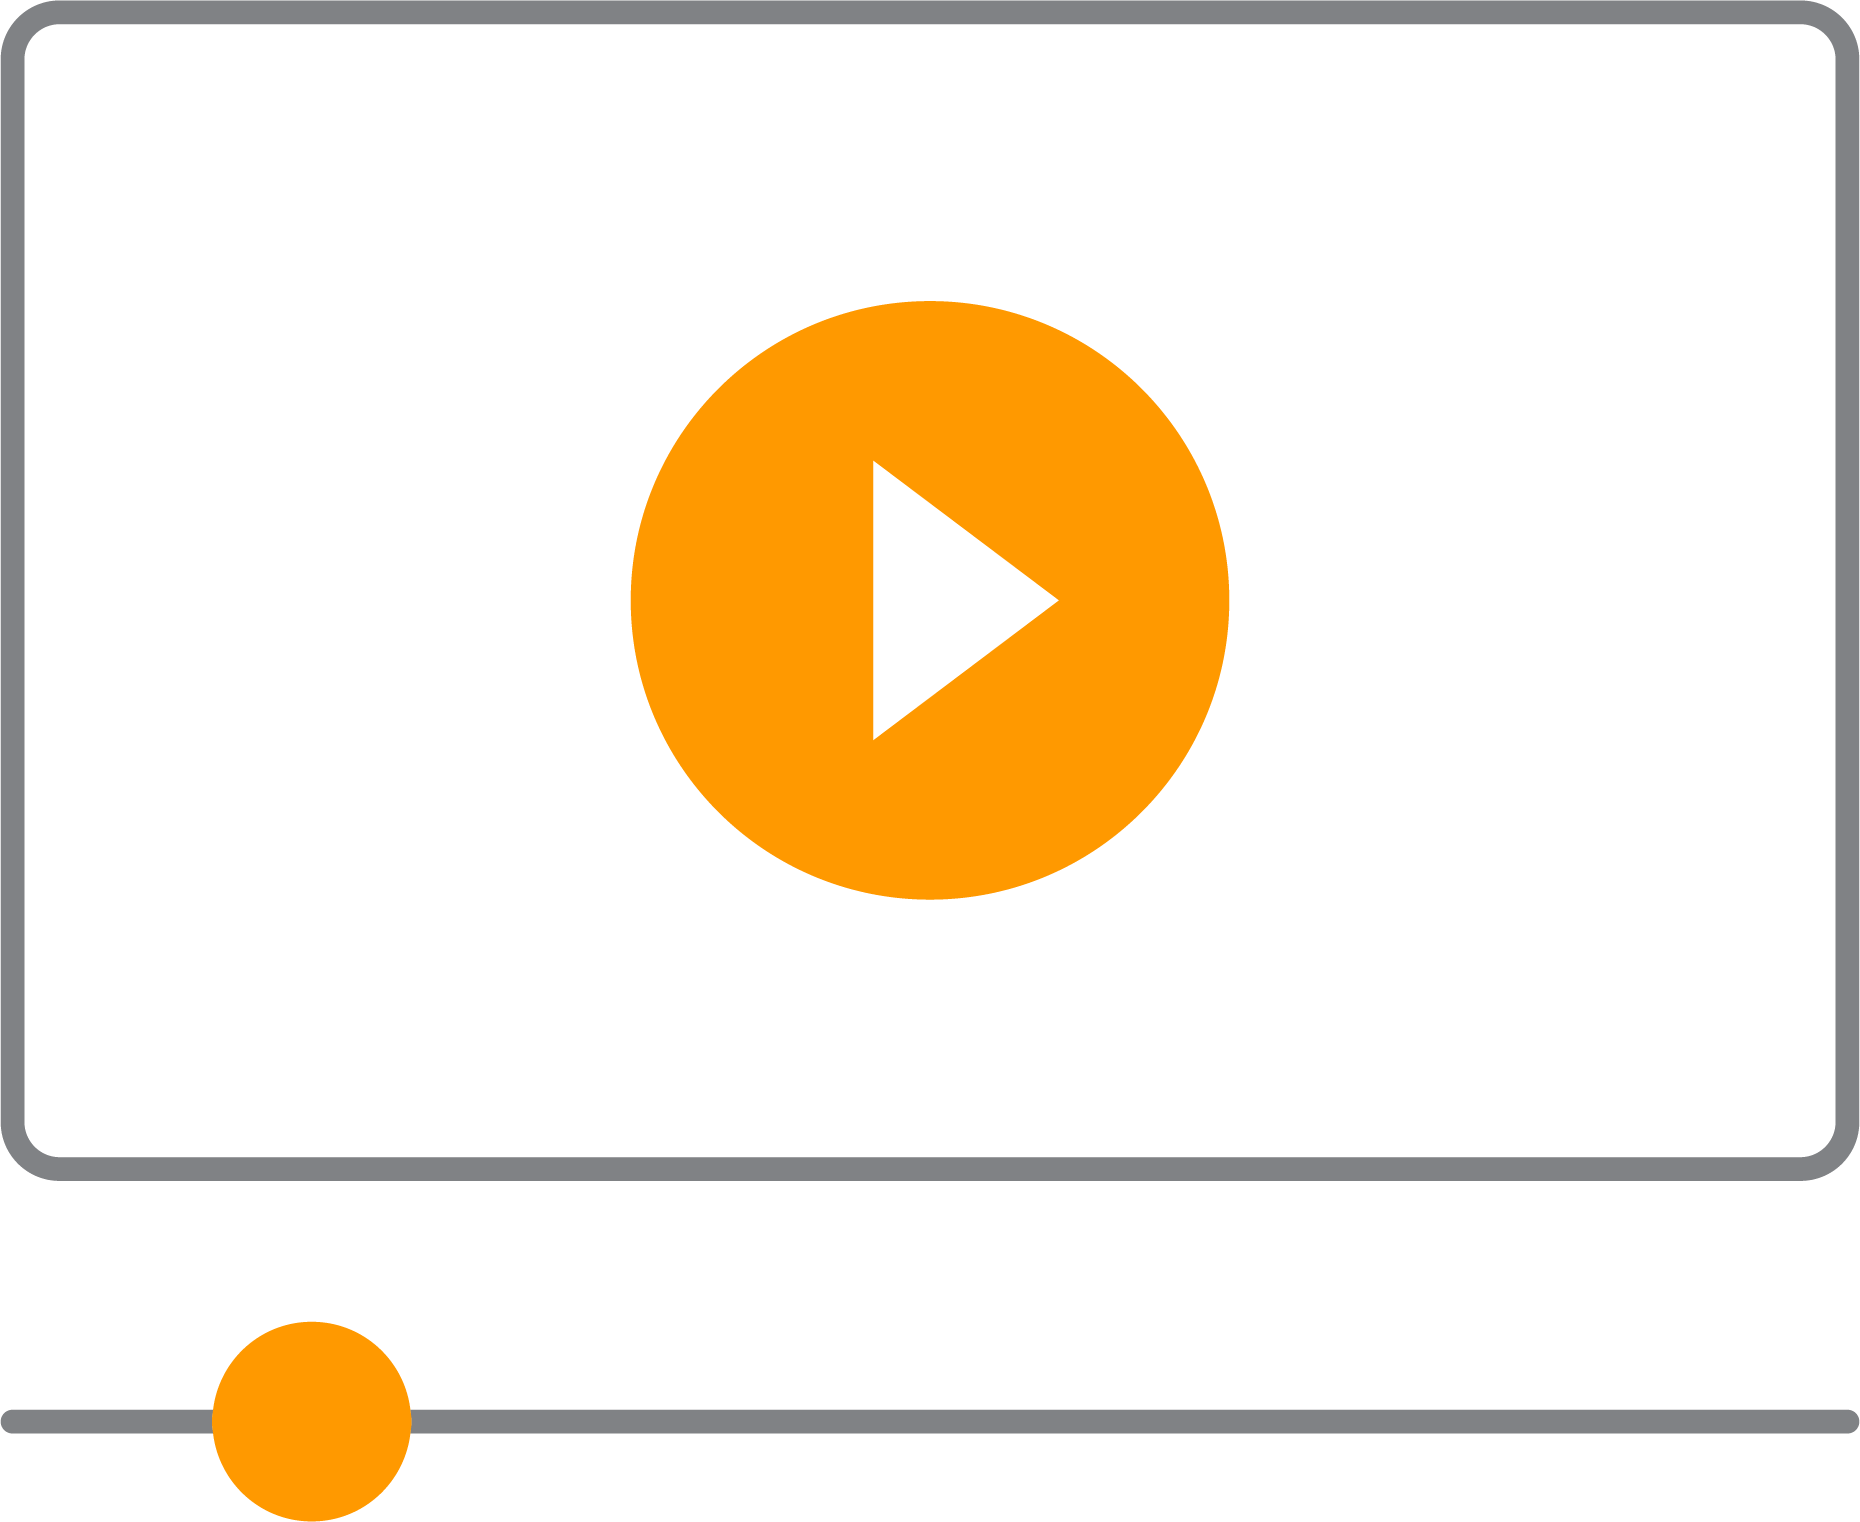 自定义视频信息